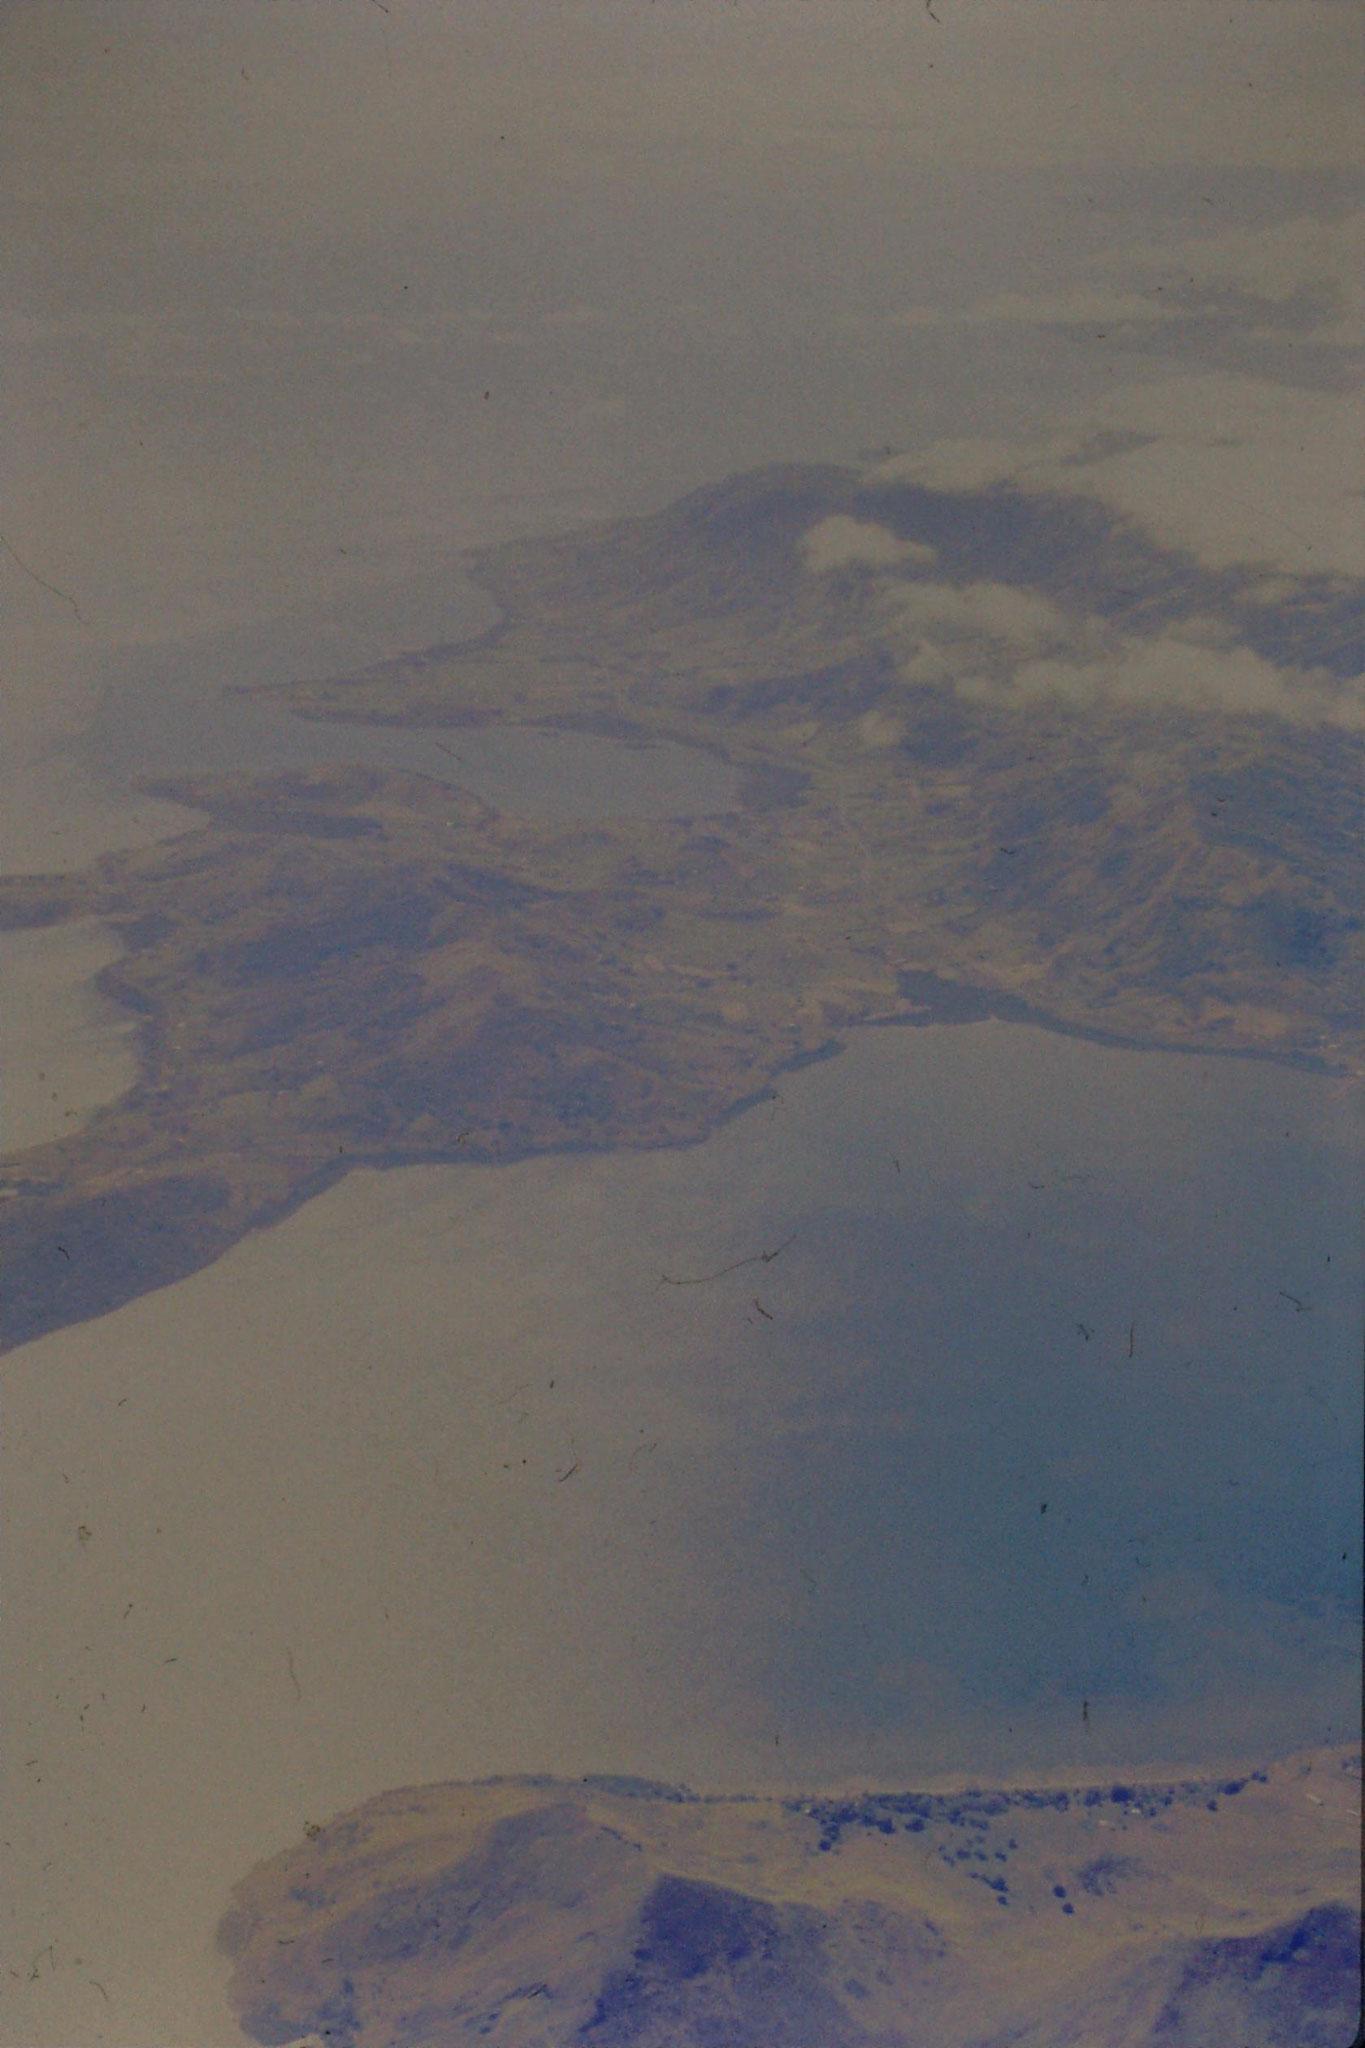 18/11/1990: 18: Vita Levu Island